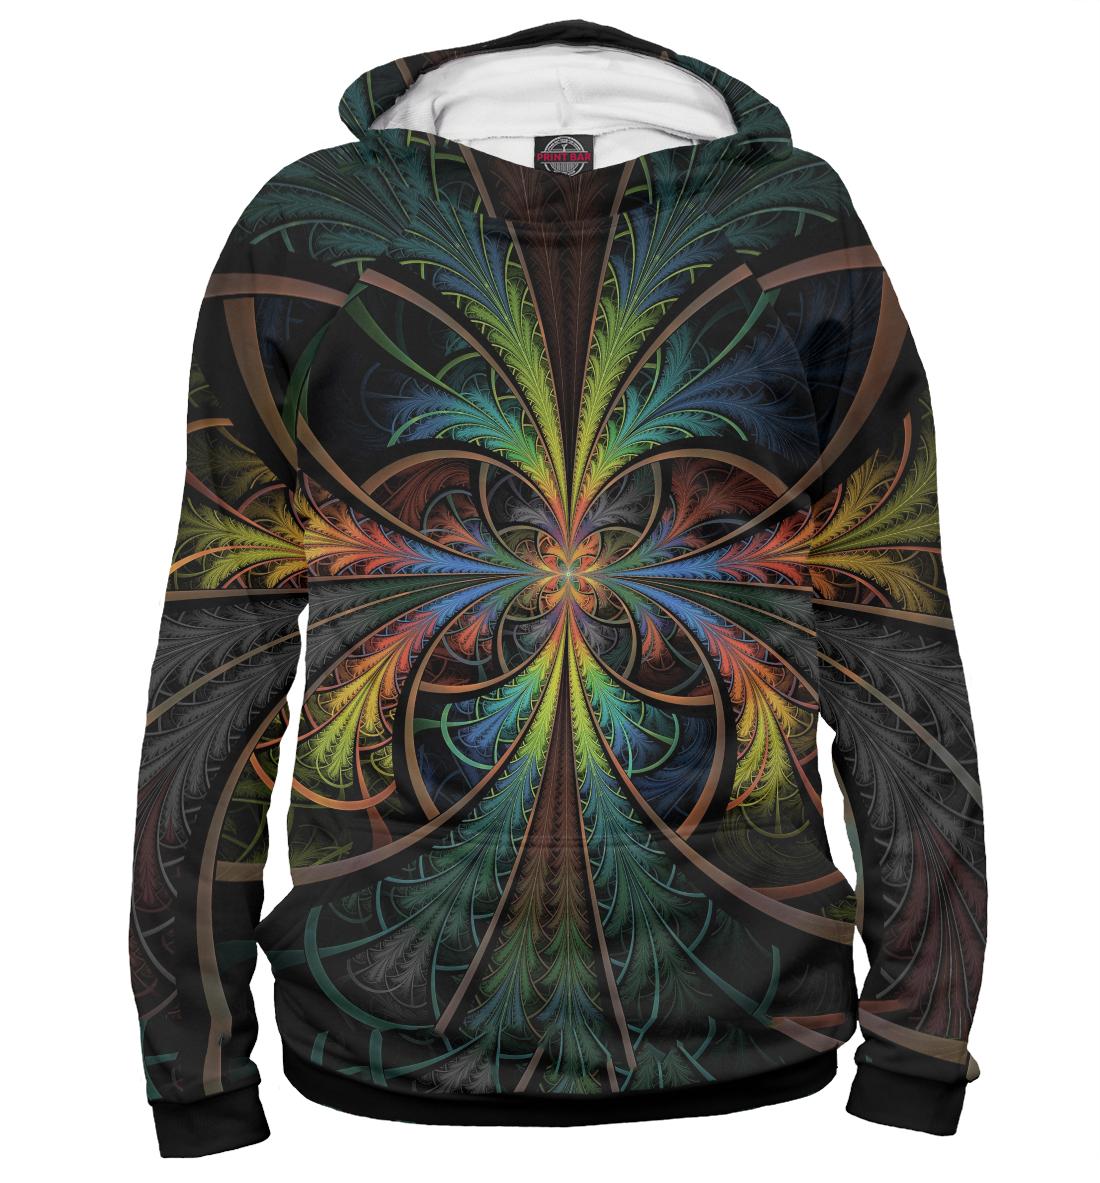 Купить Психоделика, Printbar, Худи, PSY-265410-hud-2